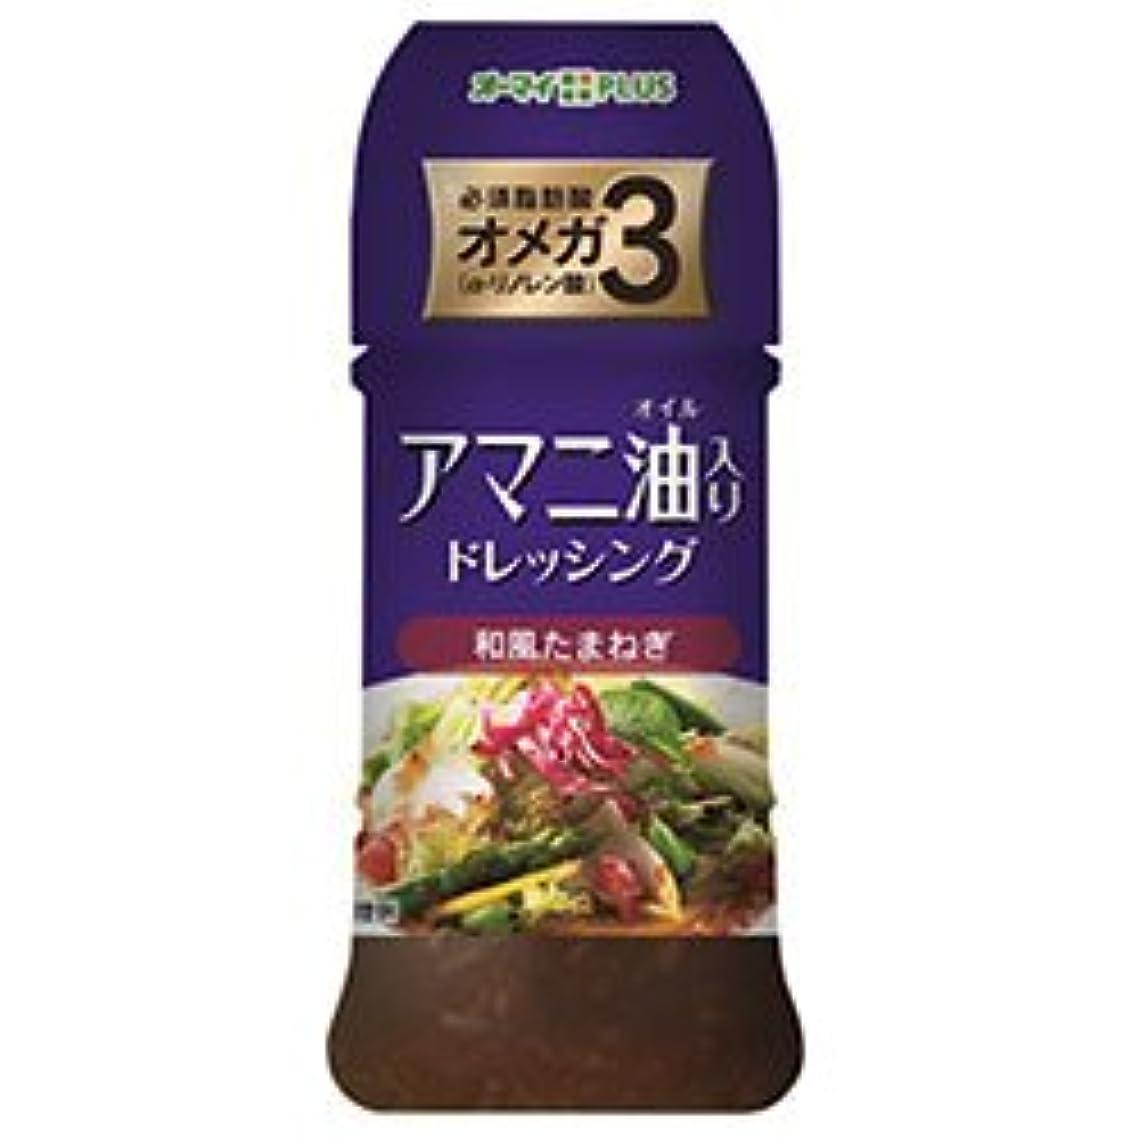 アークコマンド石油日本製粉 オーマイプラス アマニ油入りドレッシング 和風たまねぎ 150ml×12本入×(2ケース)